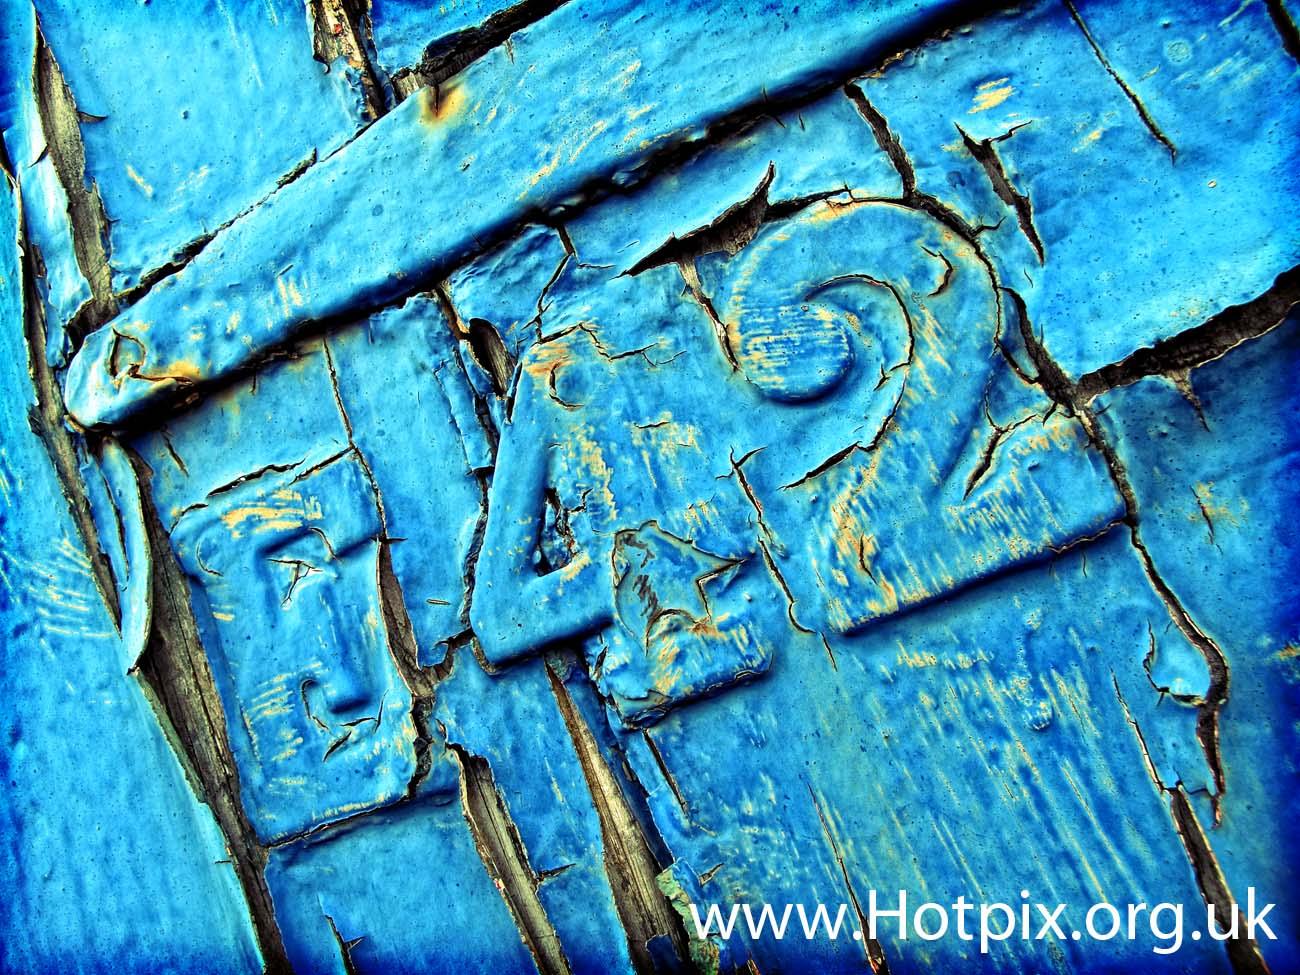 blue,crack,cracked,door,paint,cracking,up,crackingup,tony,smith,tonysmith,42,E42,UK,Latchford,locks,cheshire,warrington,England,united,kingdom,number,manchester,ship,canal,lock,HDR